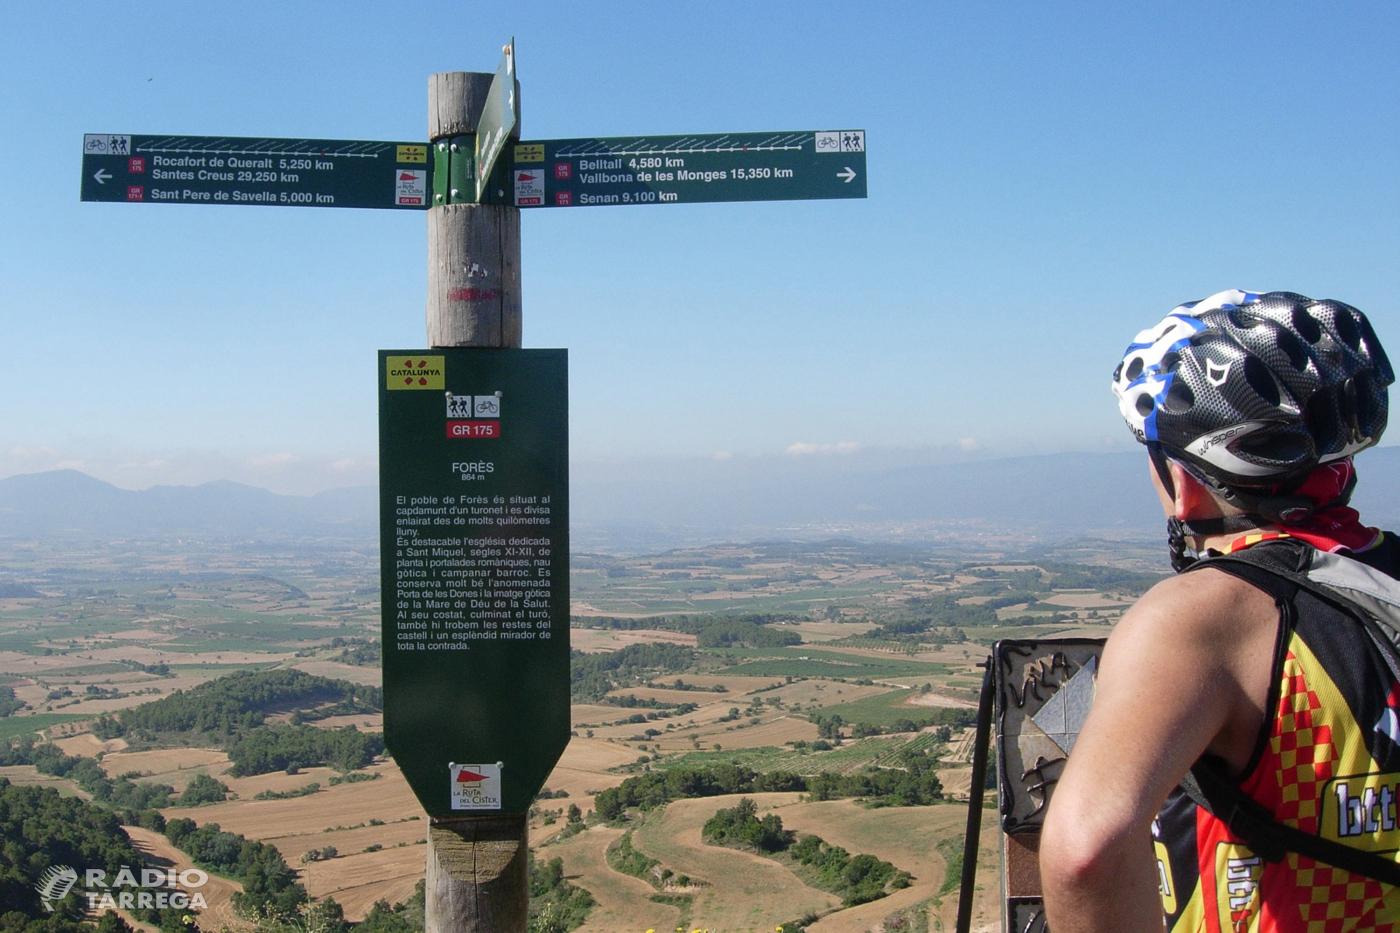 La Ruta del Cister presenta un producte turístic innovador i únic a nivell internacional